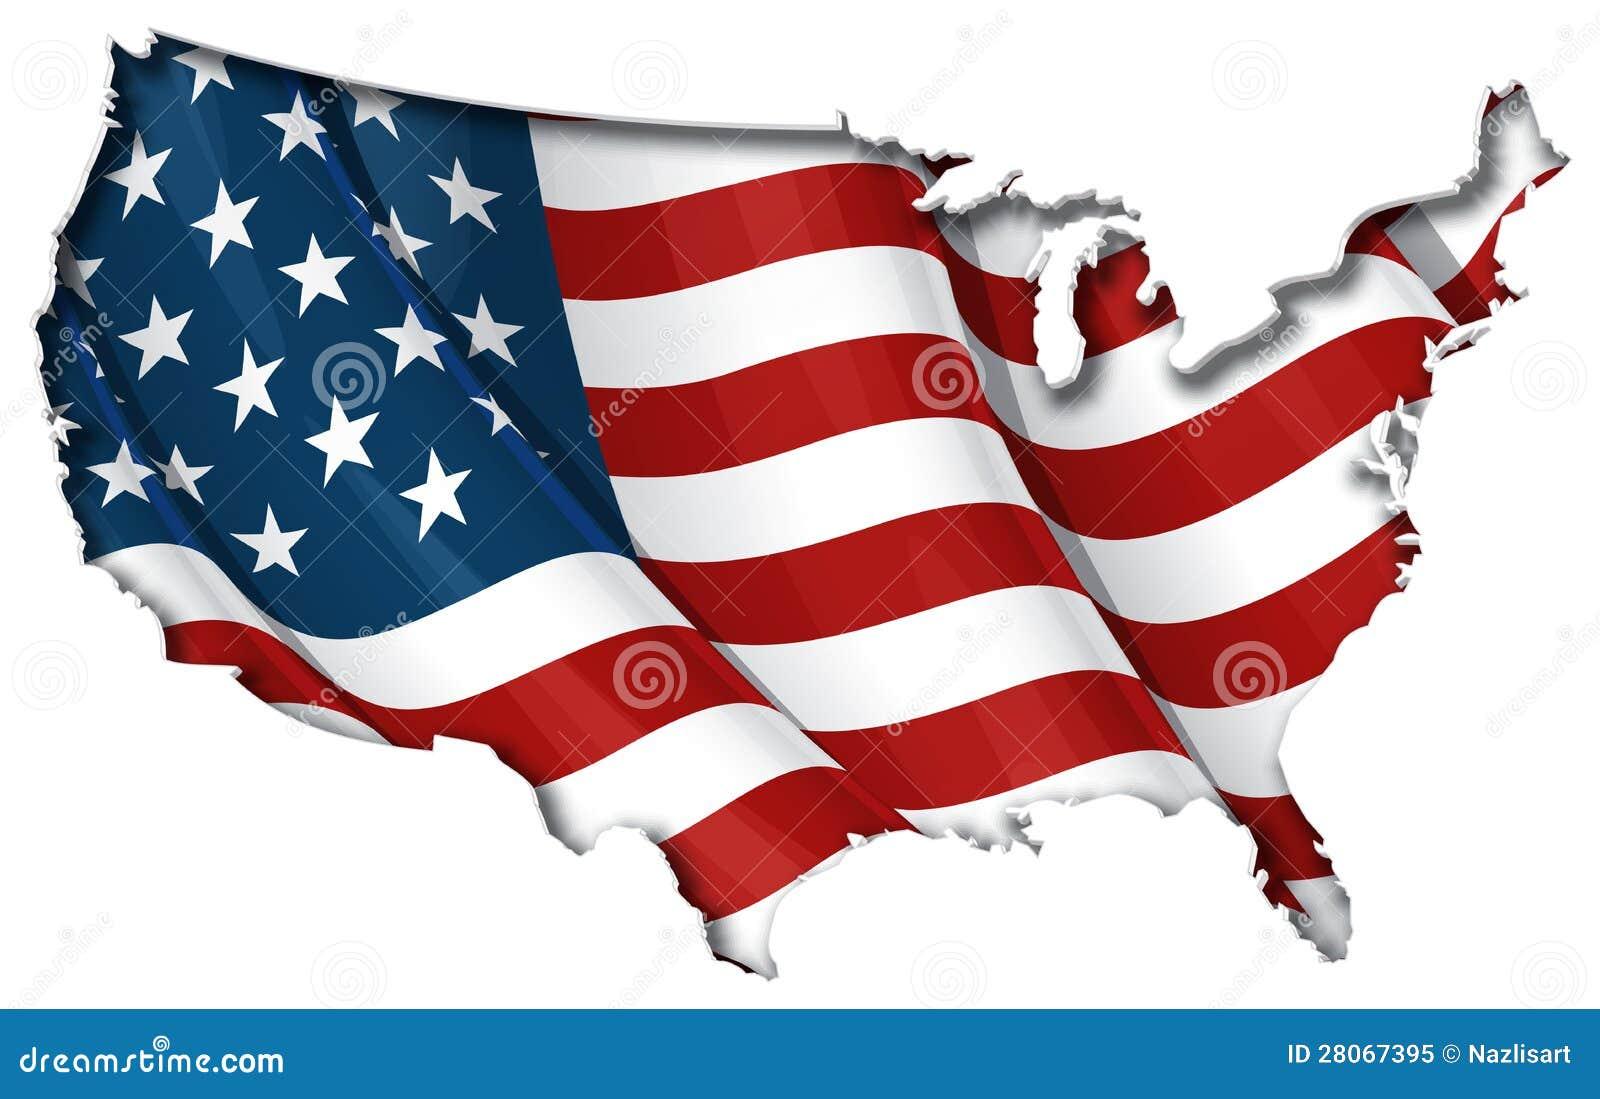 Тень Флаг-Карты США внутренняя